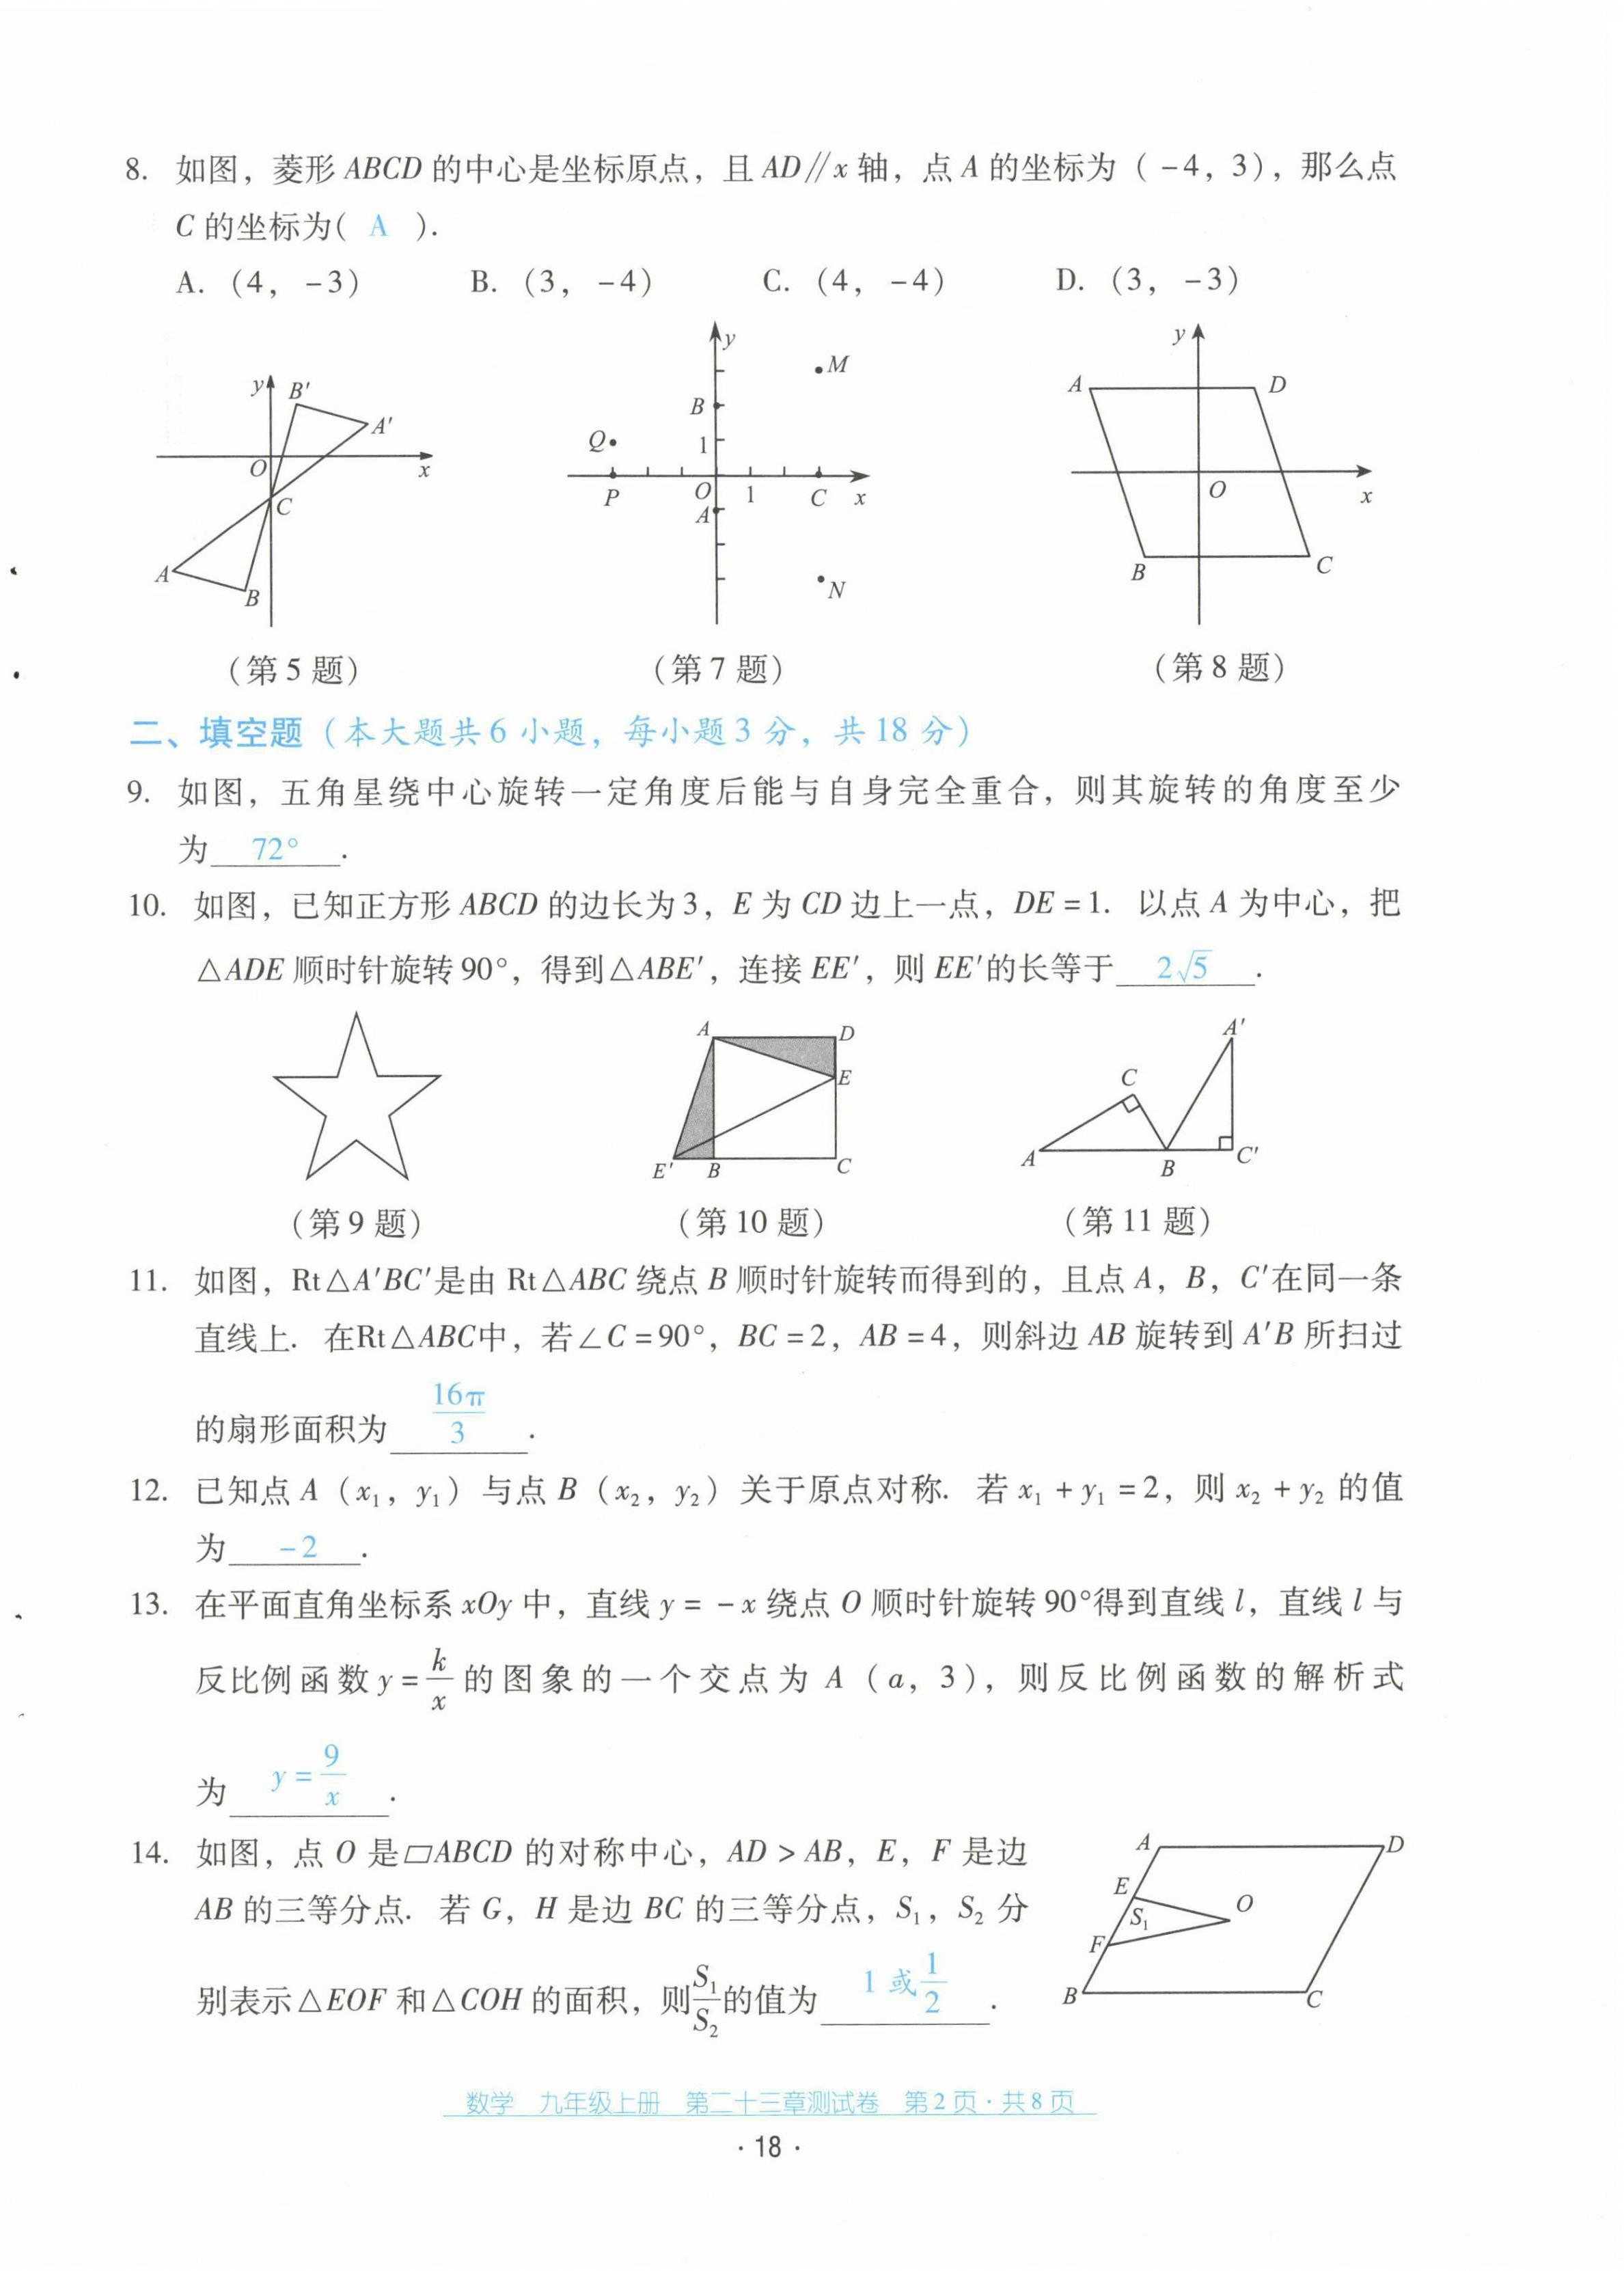 2021年云南省标准教辅优佳学案配套测试卷九年级数学上册人教版第18页